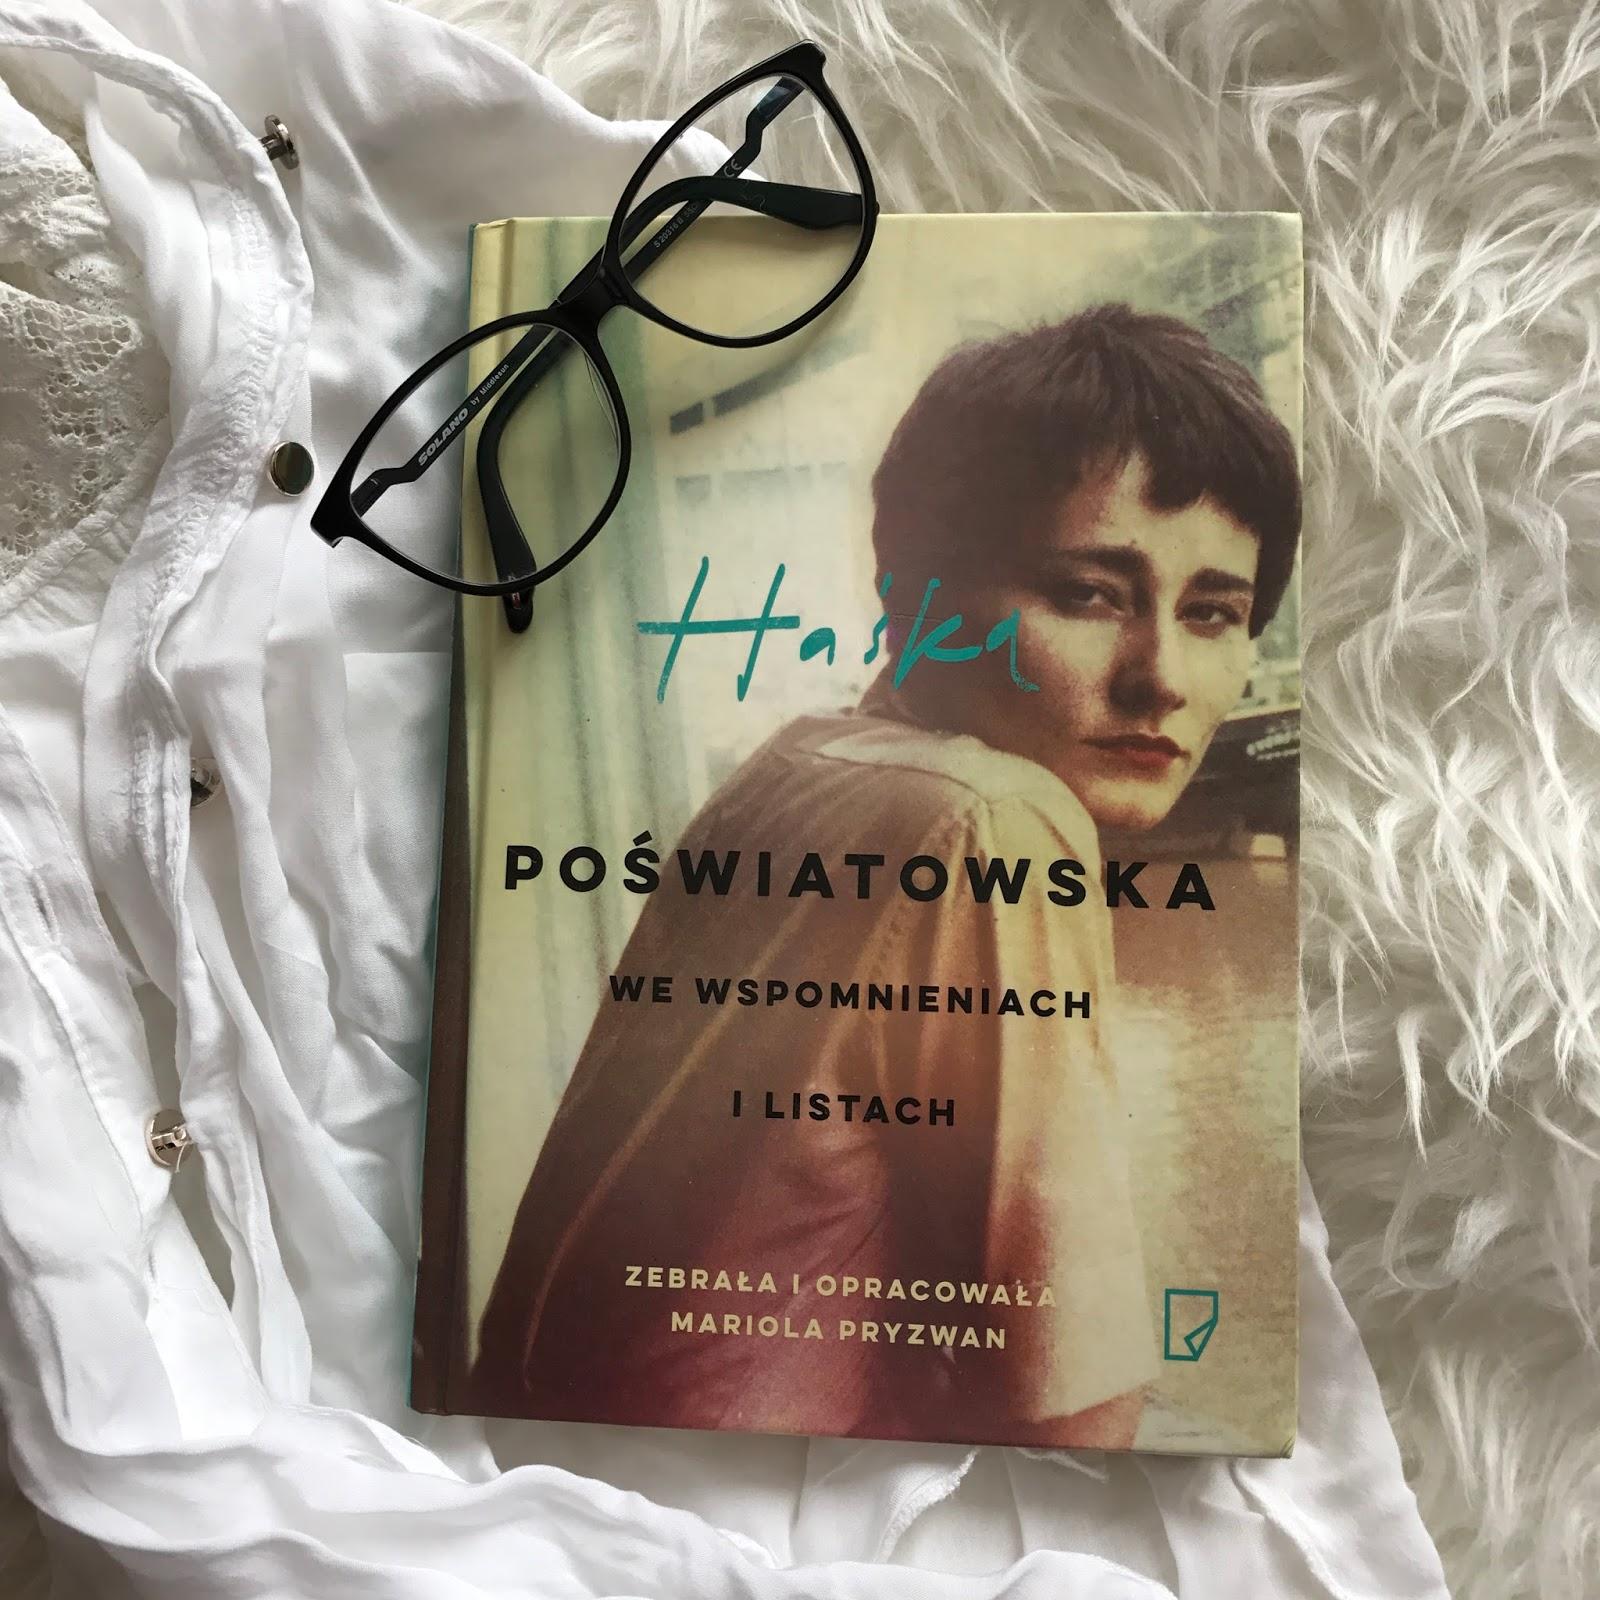 Mariola Pryzwan, Haśka Poświatowska we wspomnieniach i listach